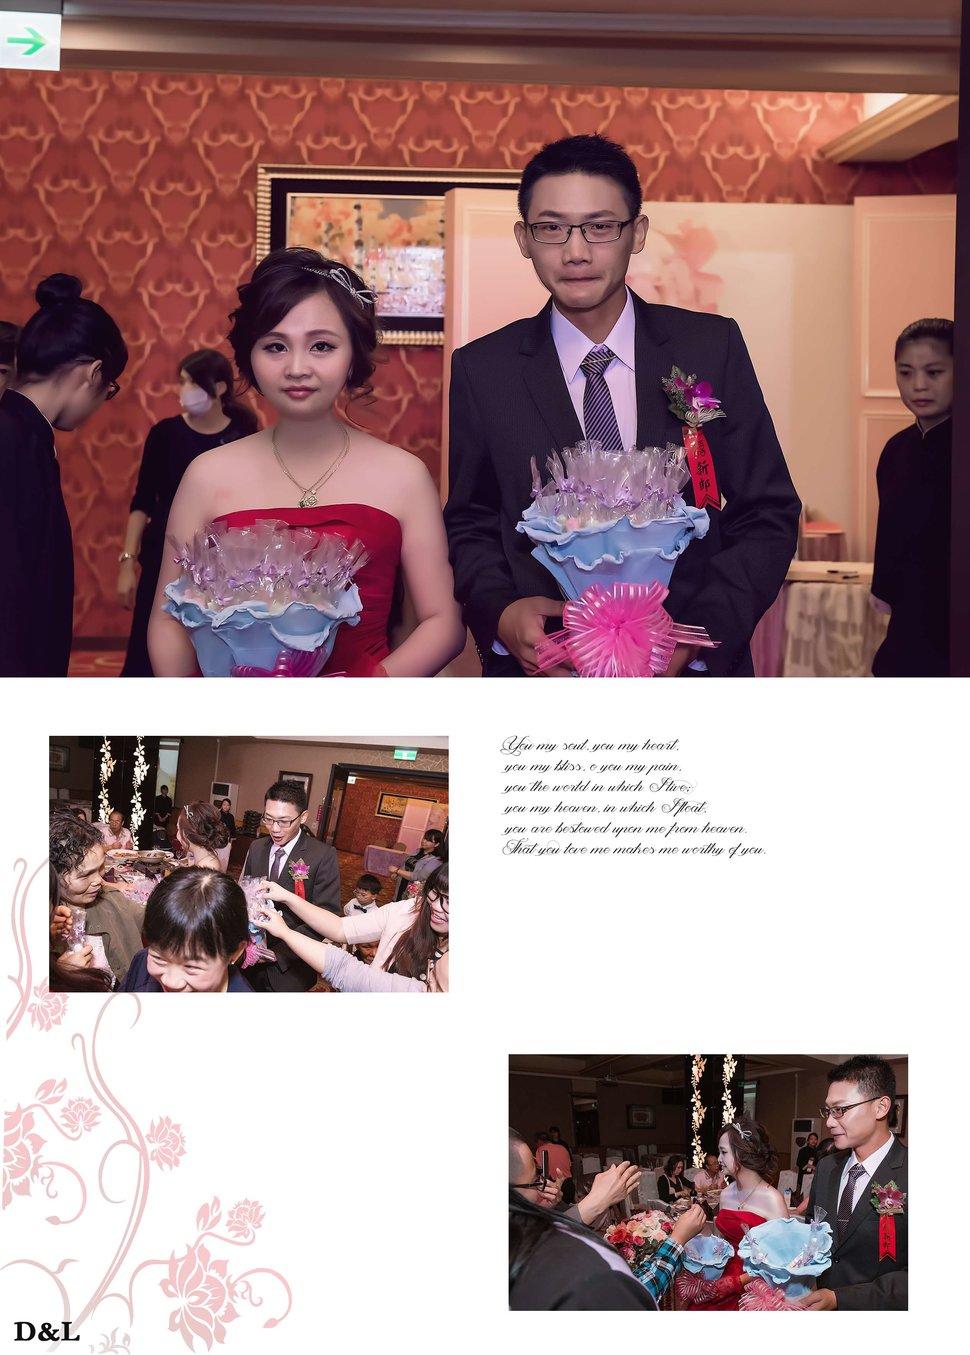 台中婚攝 婚禮記錄 錦全&昀臻-大和屋國際美食館大里(編號:6089) - D&L 婚禮事務-婚紗攝影/婚禮記錄 - 結婚吧